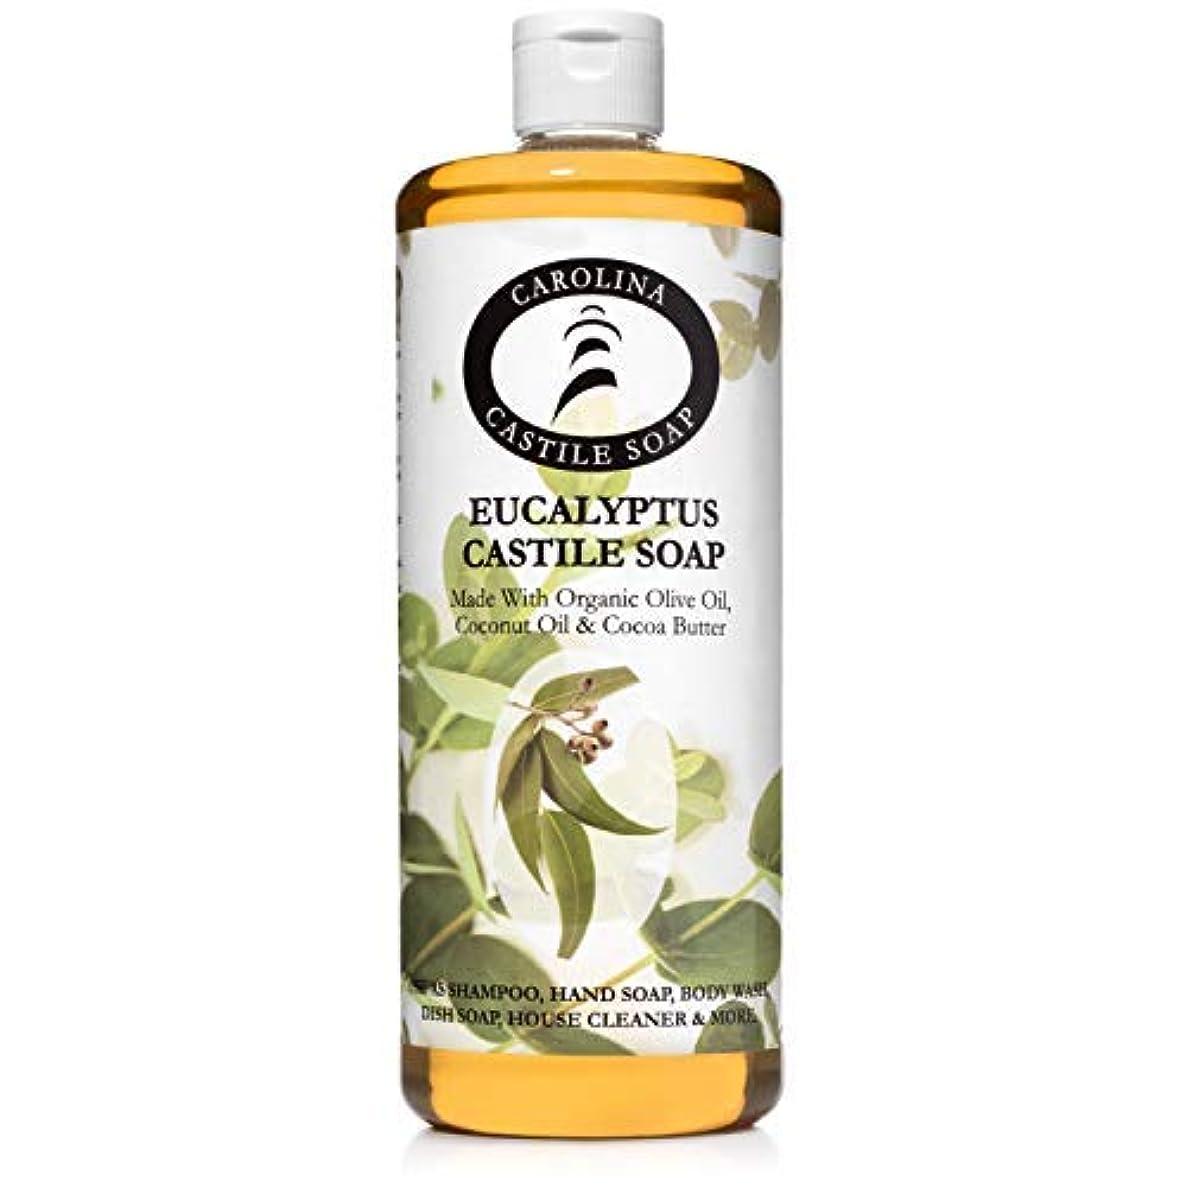 前奏曲歯痛調停するCarolina Castile Soap ユーカリカスティーリャ石鹸 32オンス